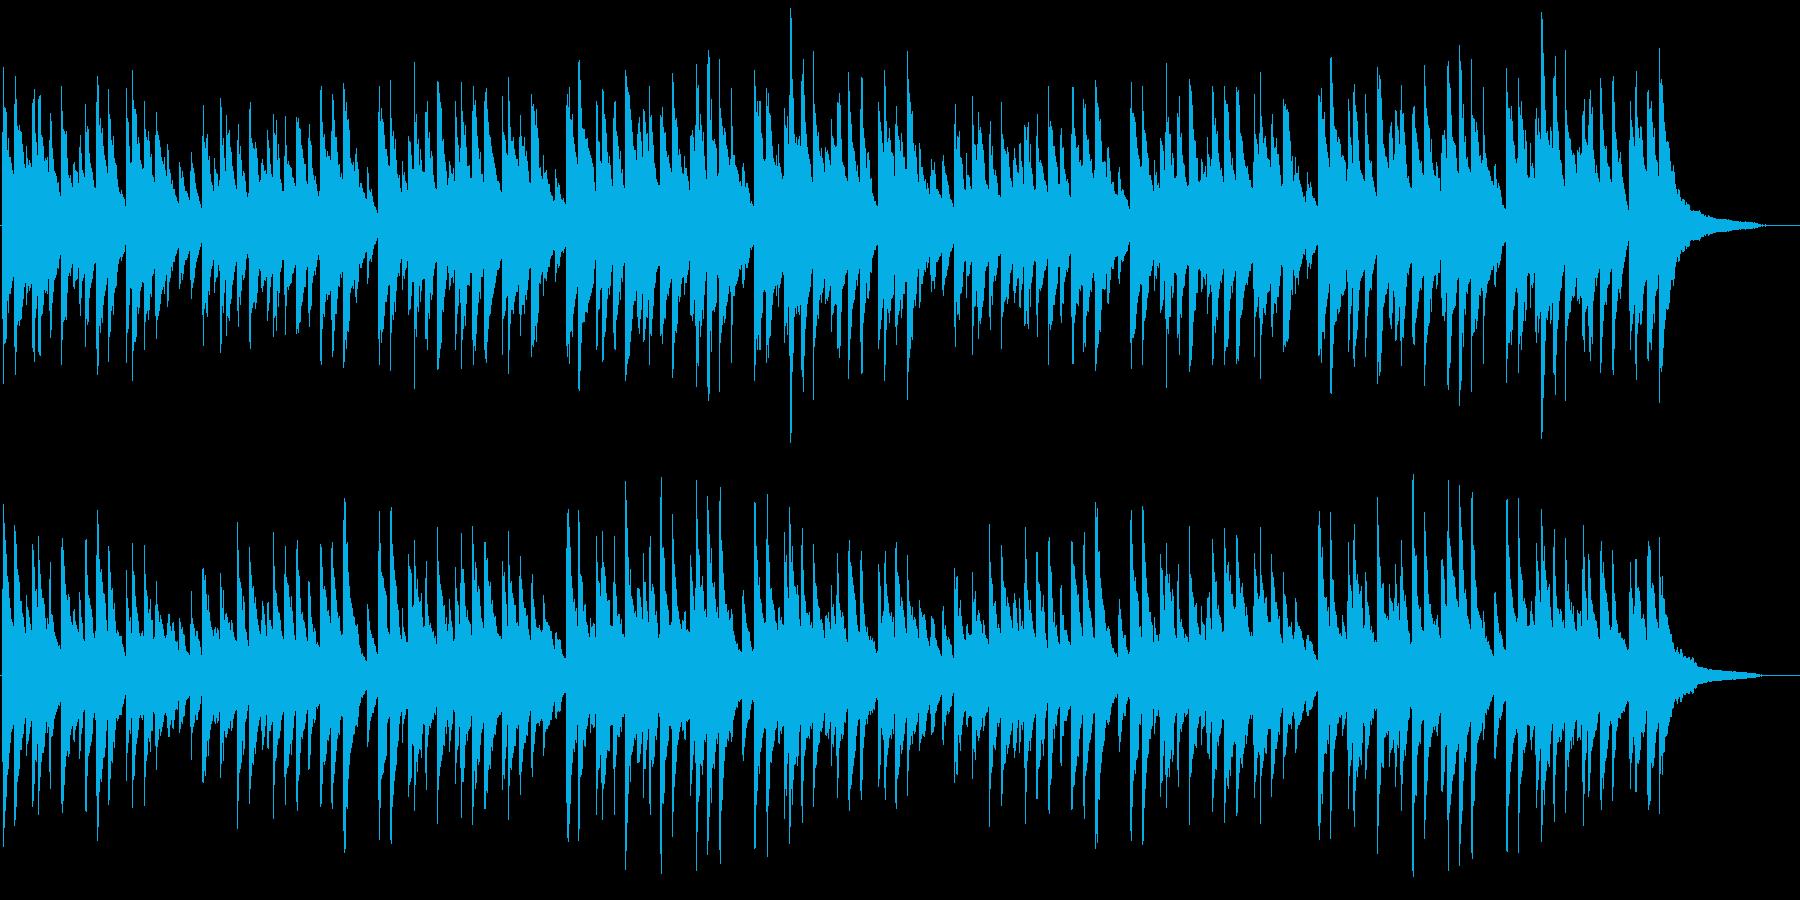 「蛍の光」 ピアノ伴奏の再生済みの波形